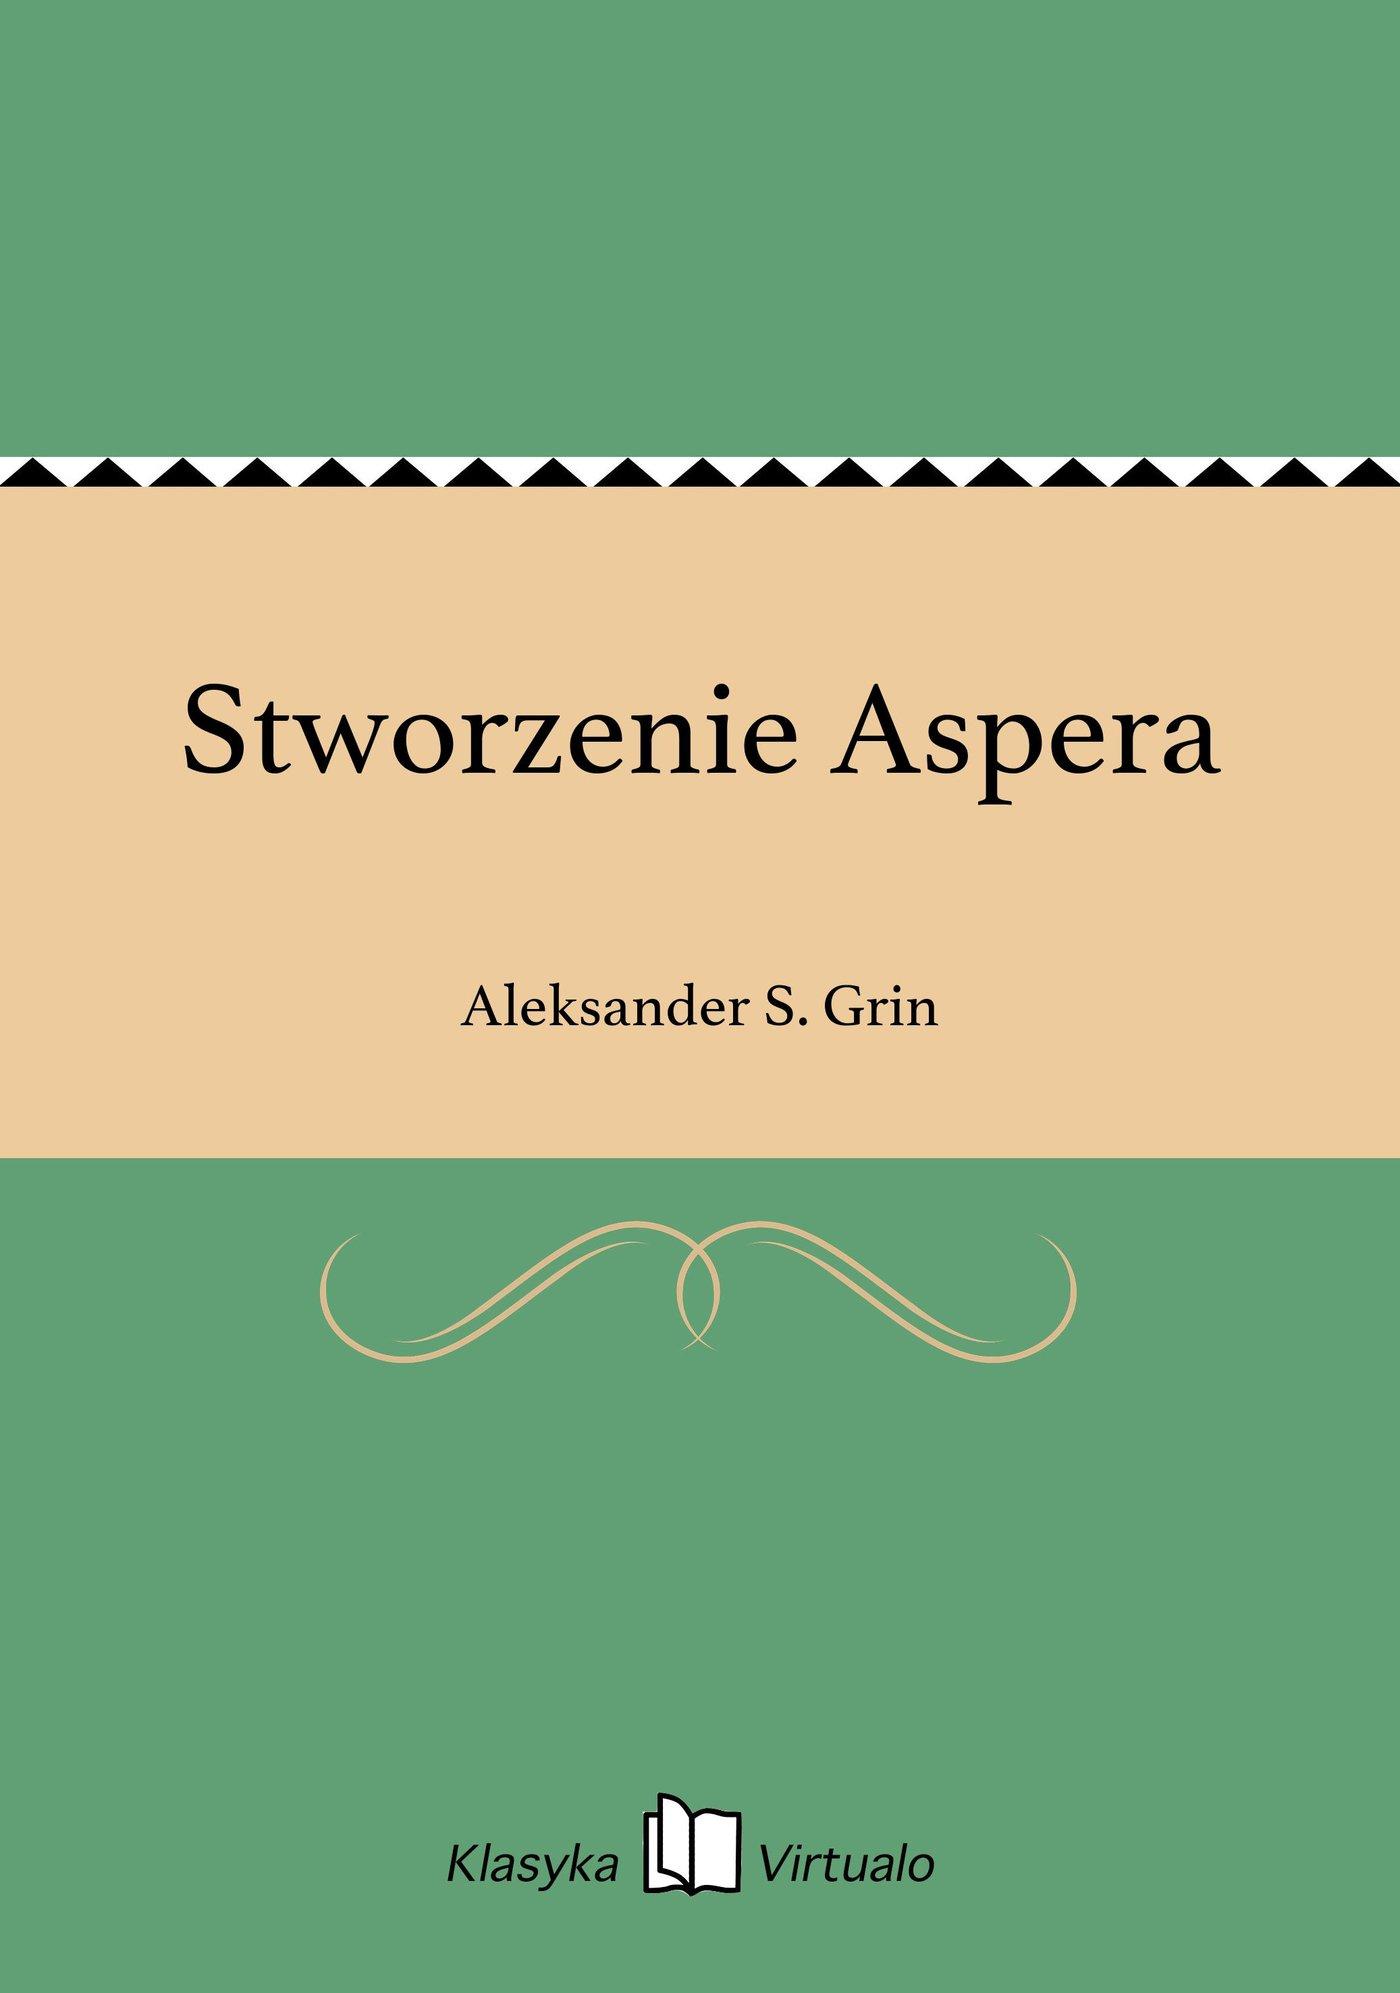 Stworzenie Aspera - Ebook (Książka EPUB) do pobrania w formacie EPUB